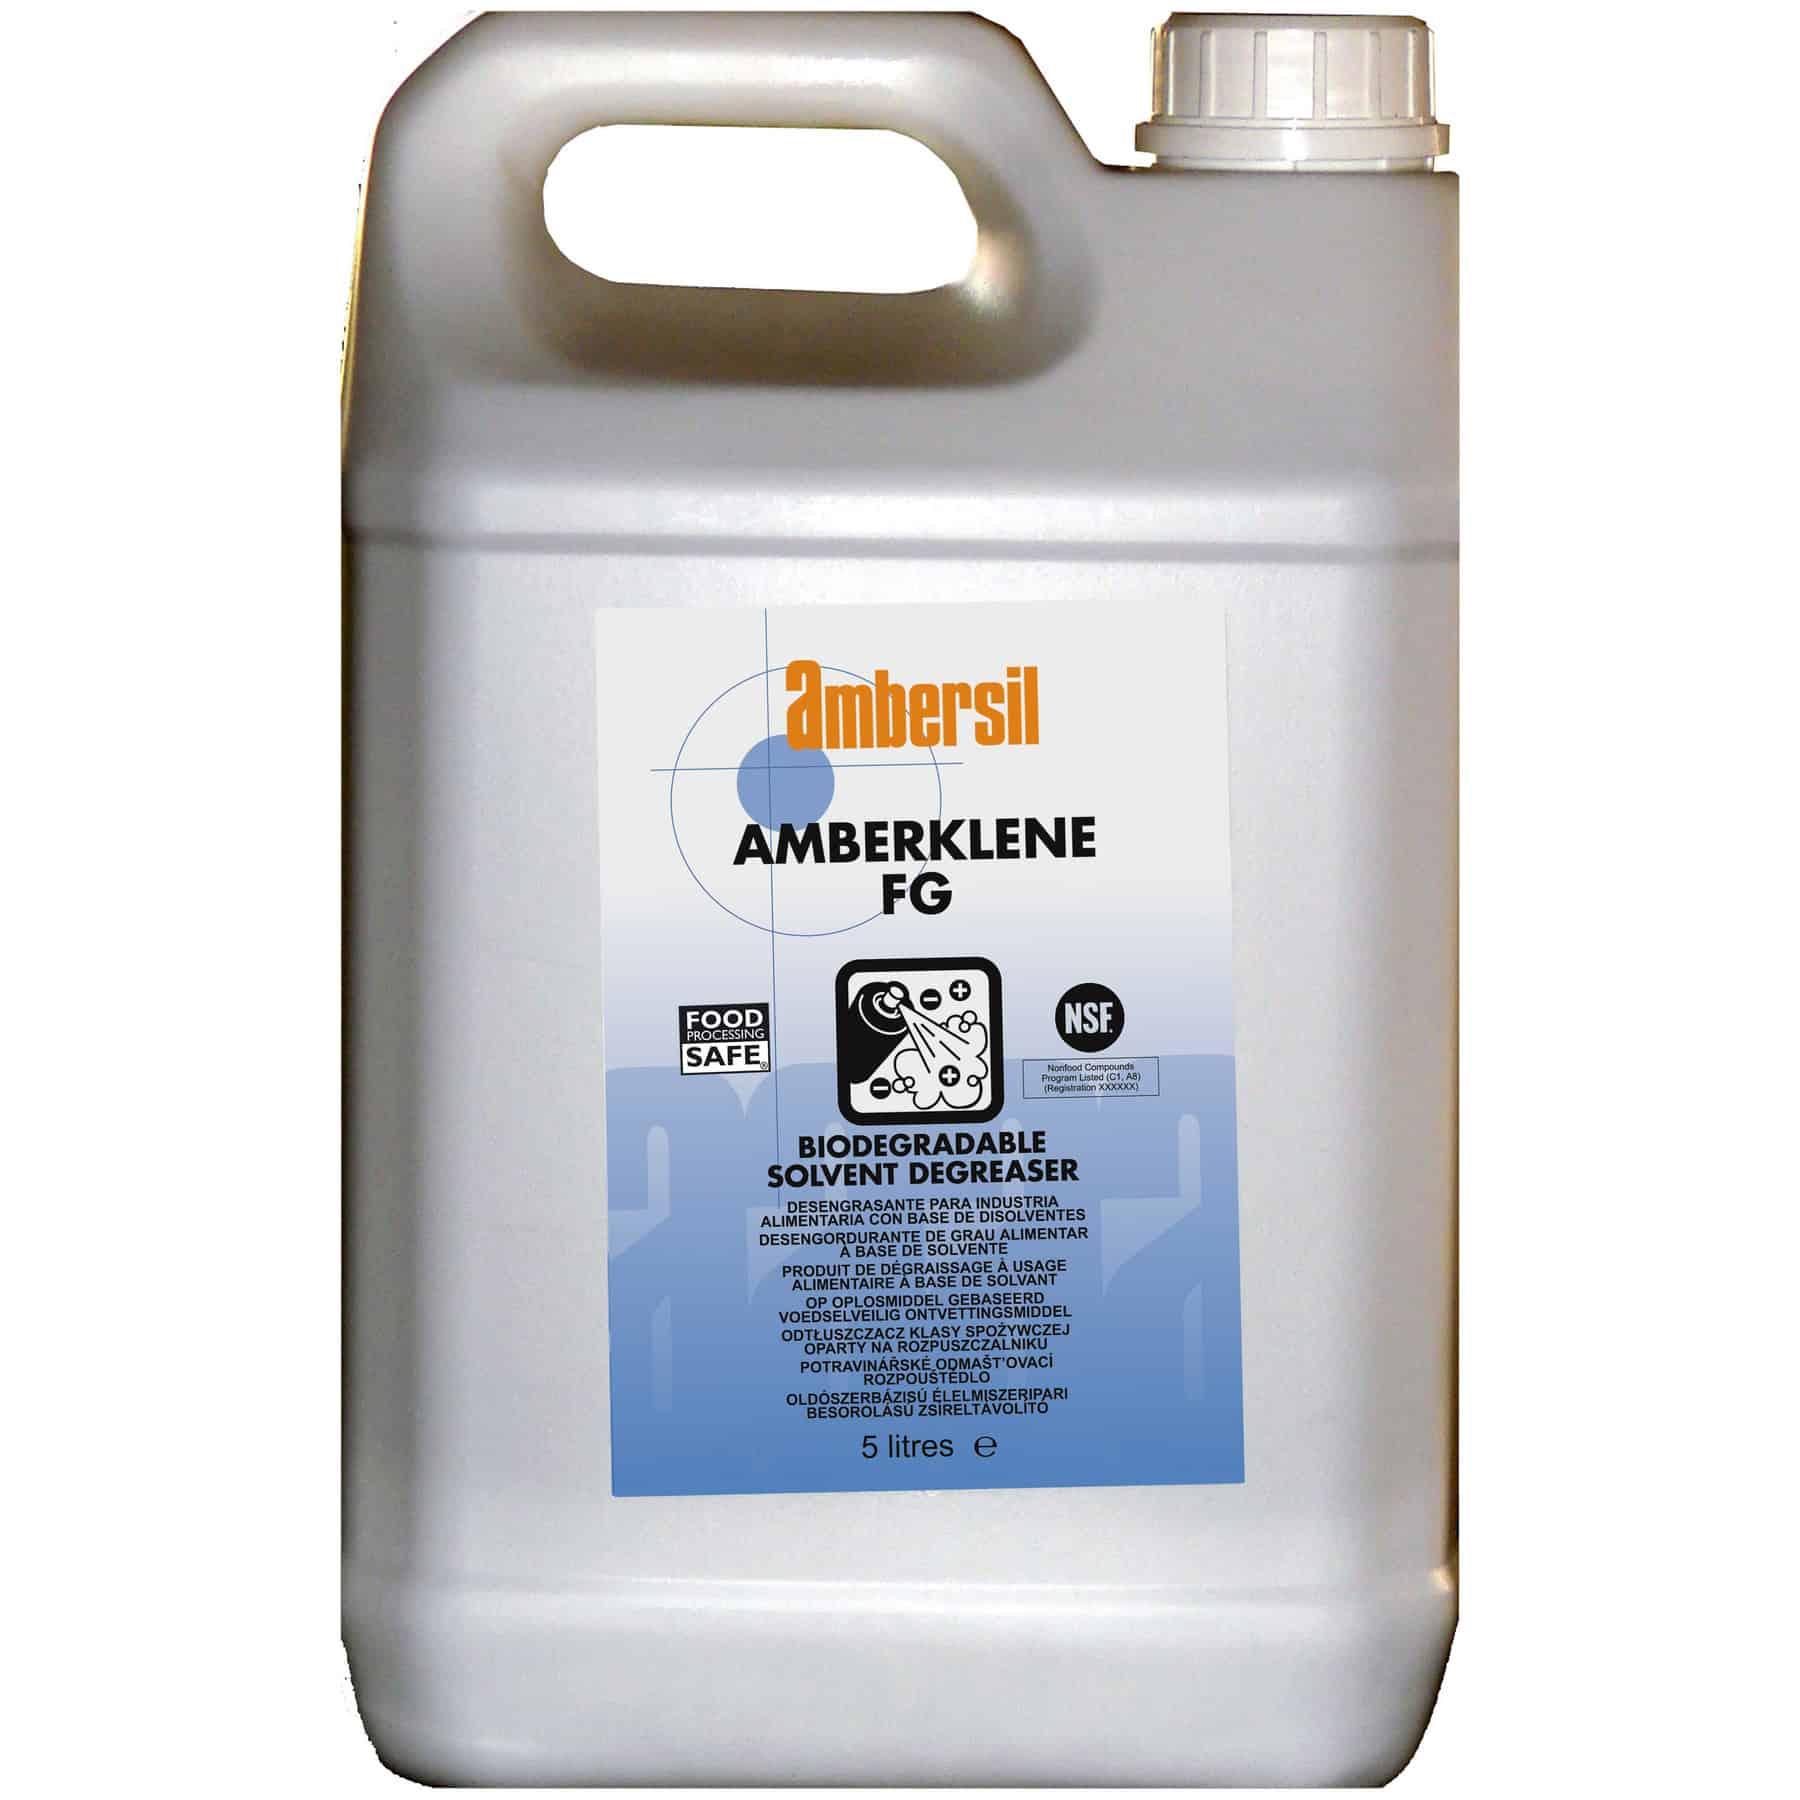 Ambersil - Amberklene FG 5 Litre